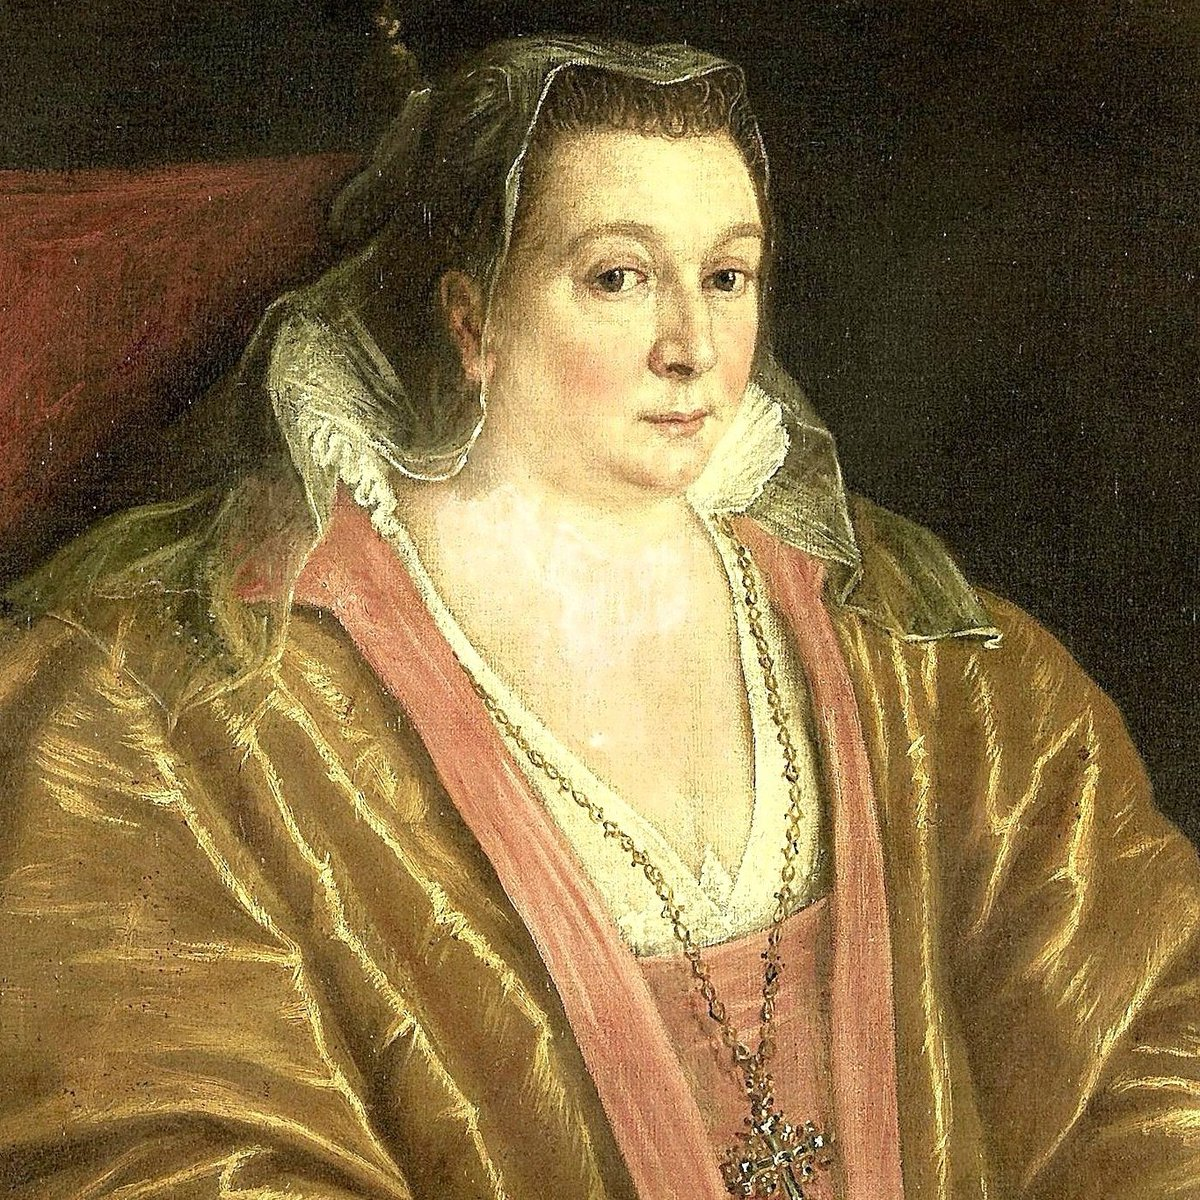 Leandro Bassano - Portret van een vrouw, waarschijnlijk Morosina Morosini, de echtgenote van Marino Grimani, doge van Venetië - woman in gold satin and lace looking askance at the painter, with veil and large cross. Public domain.